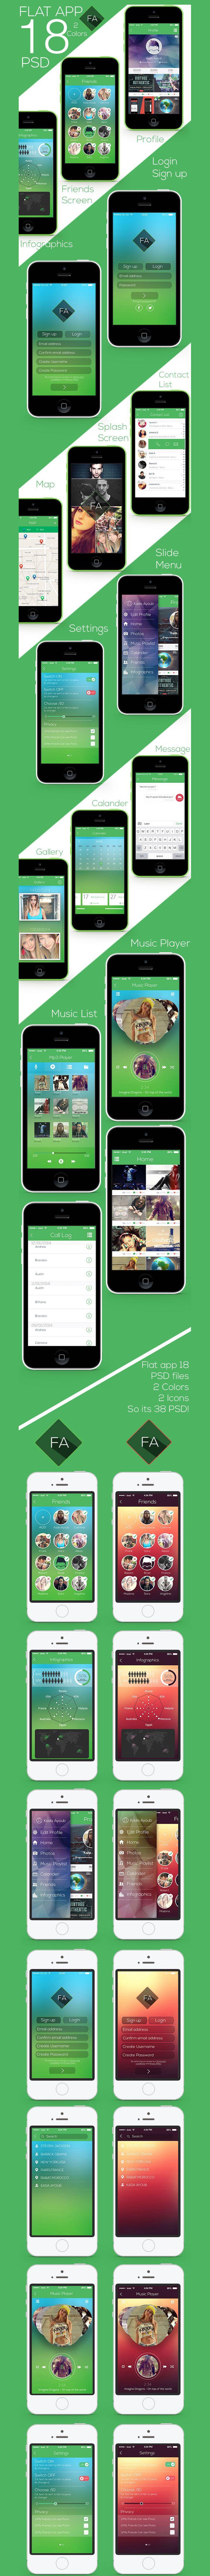 Daily Mobile UI Design Inspiration #284